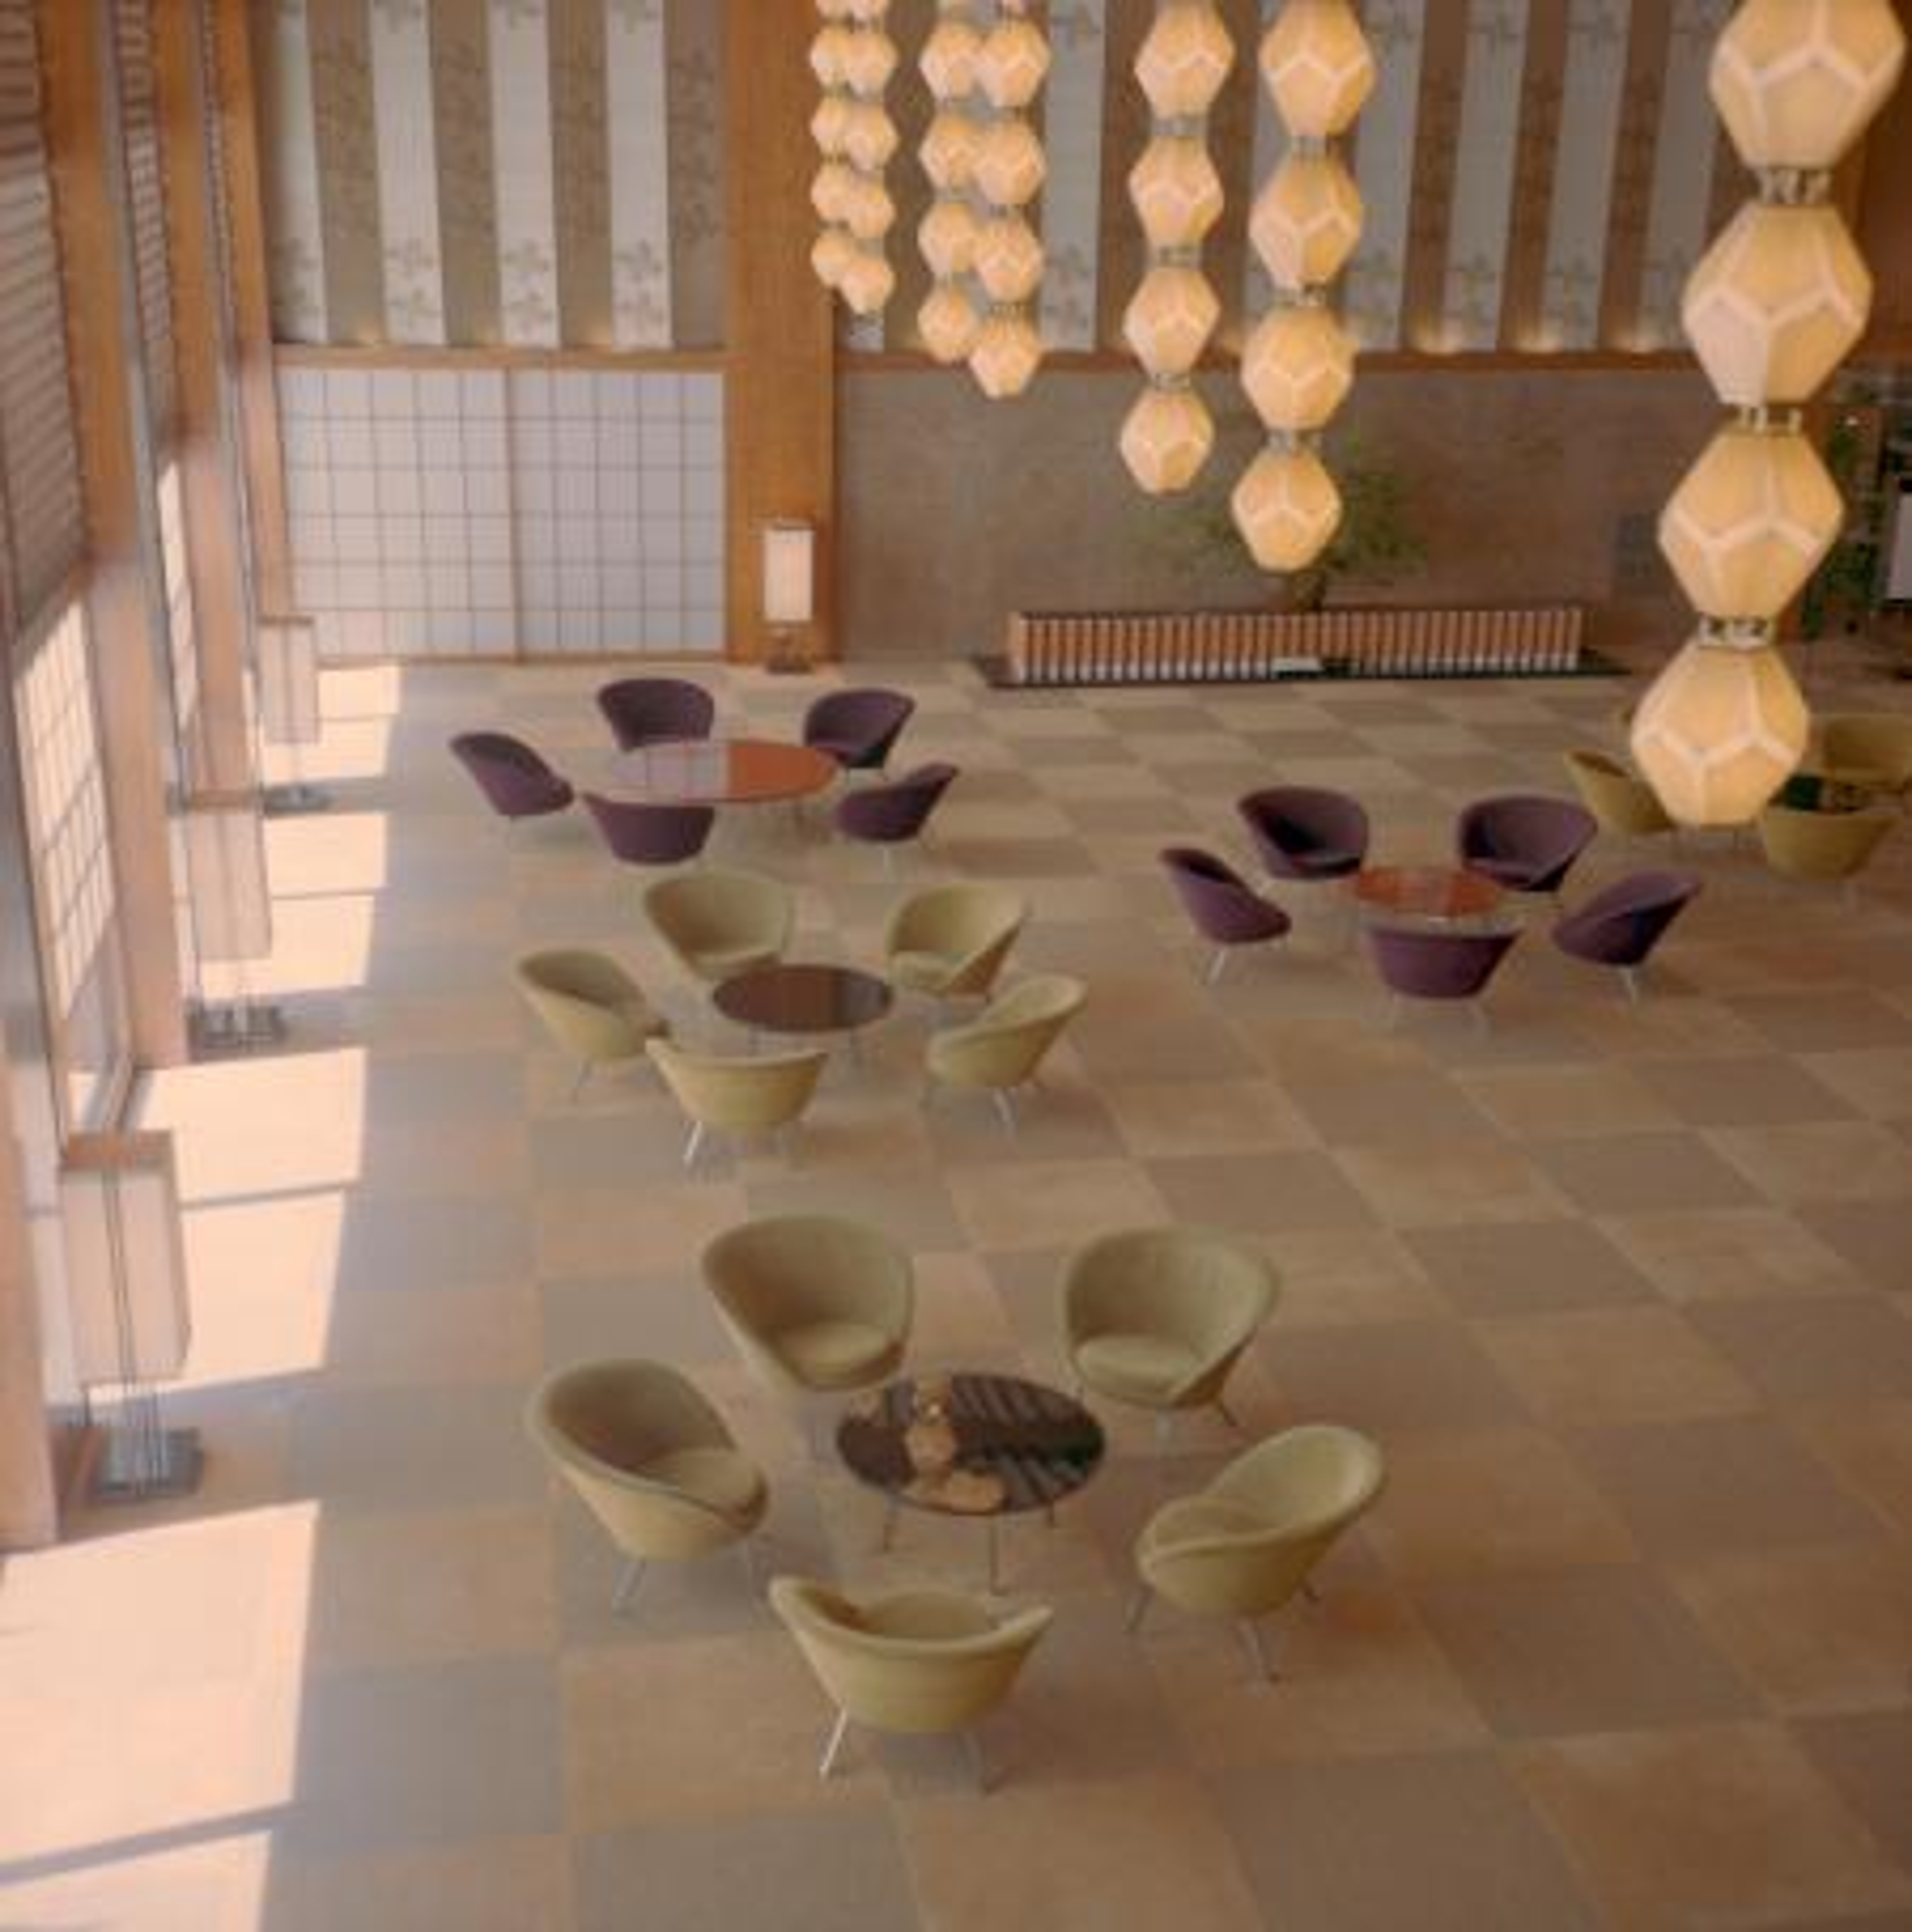 The lobby of the Hotel Okura in Tokyo